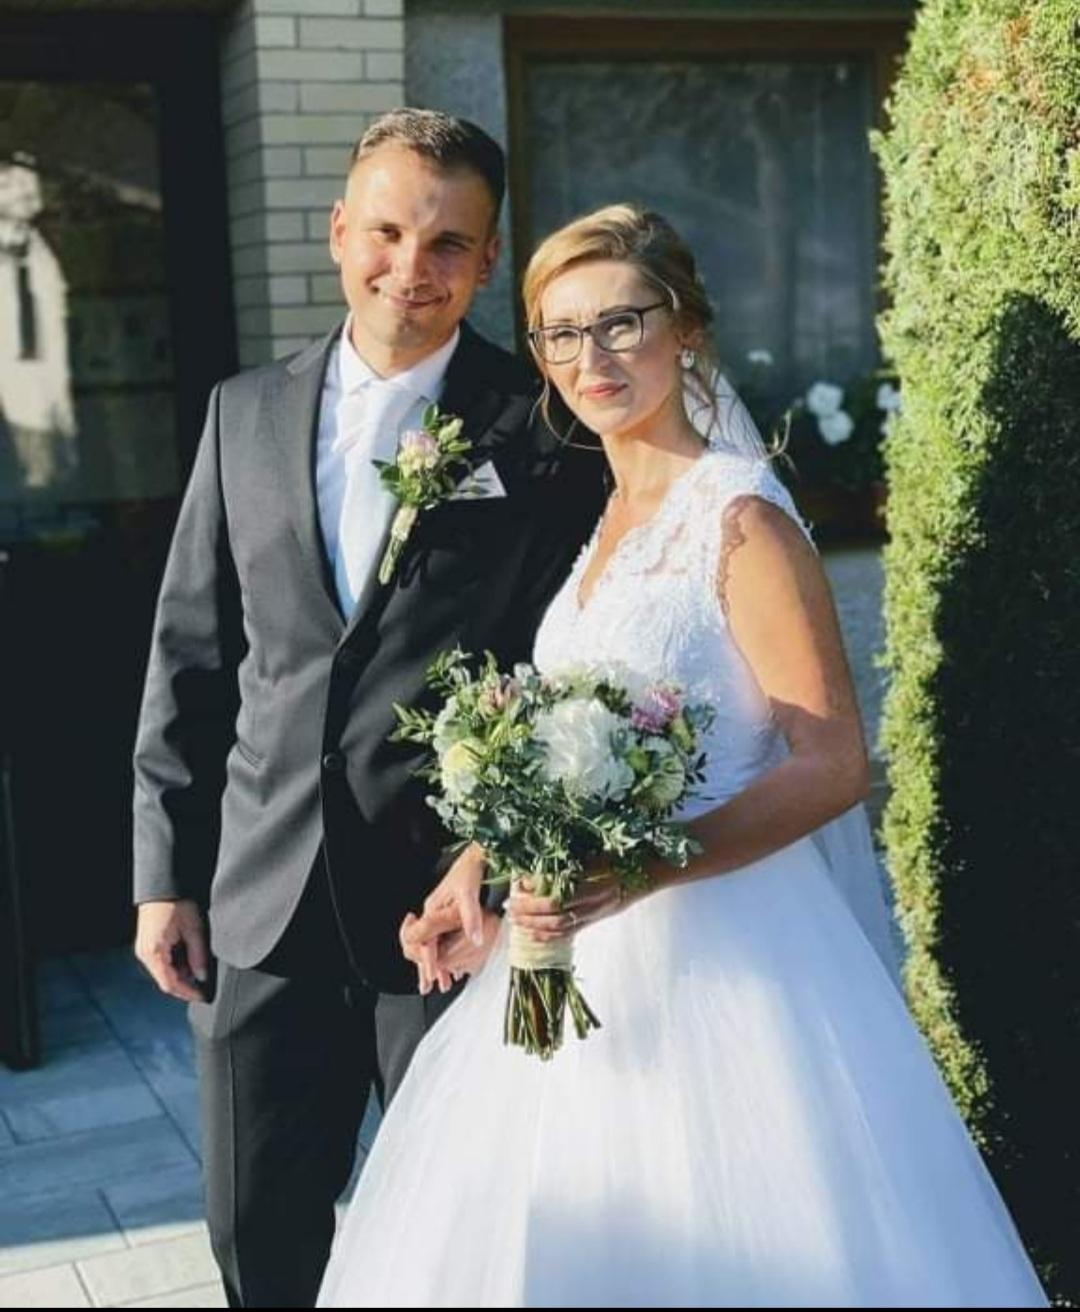 Svadobné šaty za ceny ,ktoré potešia. - Obrázok č. 1